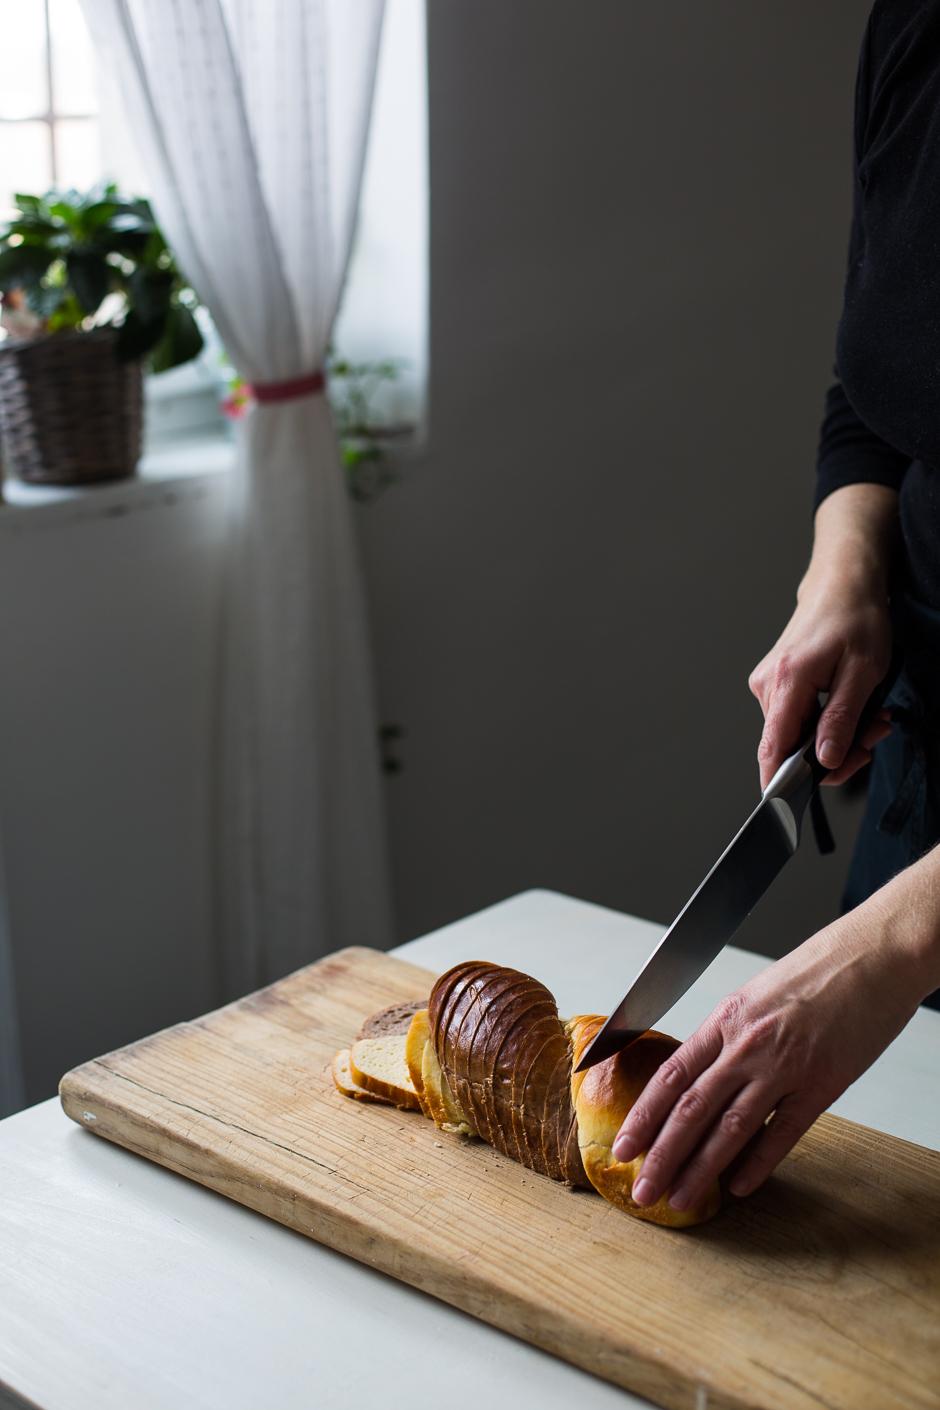 kalácsfelfújt az Emlékek Íze konyhájából www.emlekekize.hu